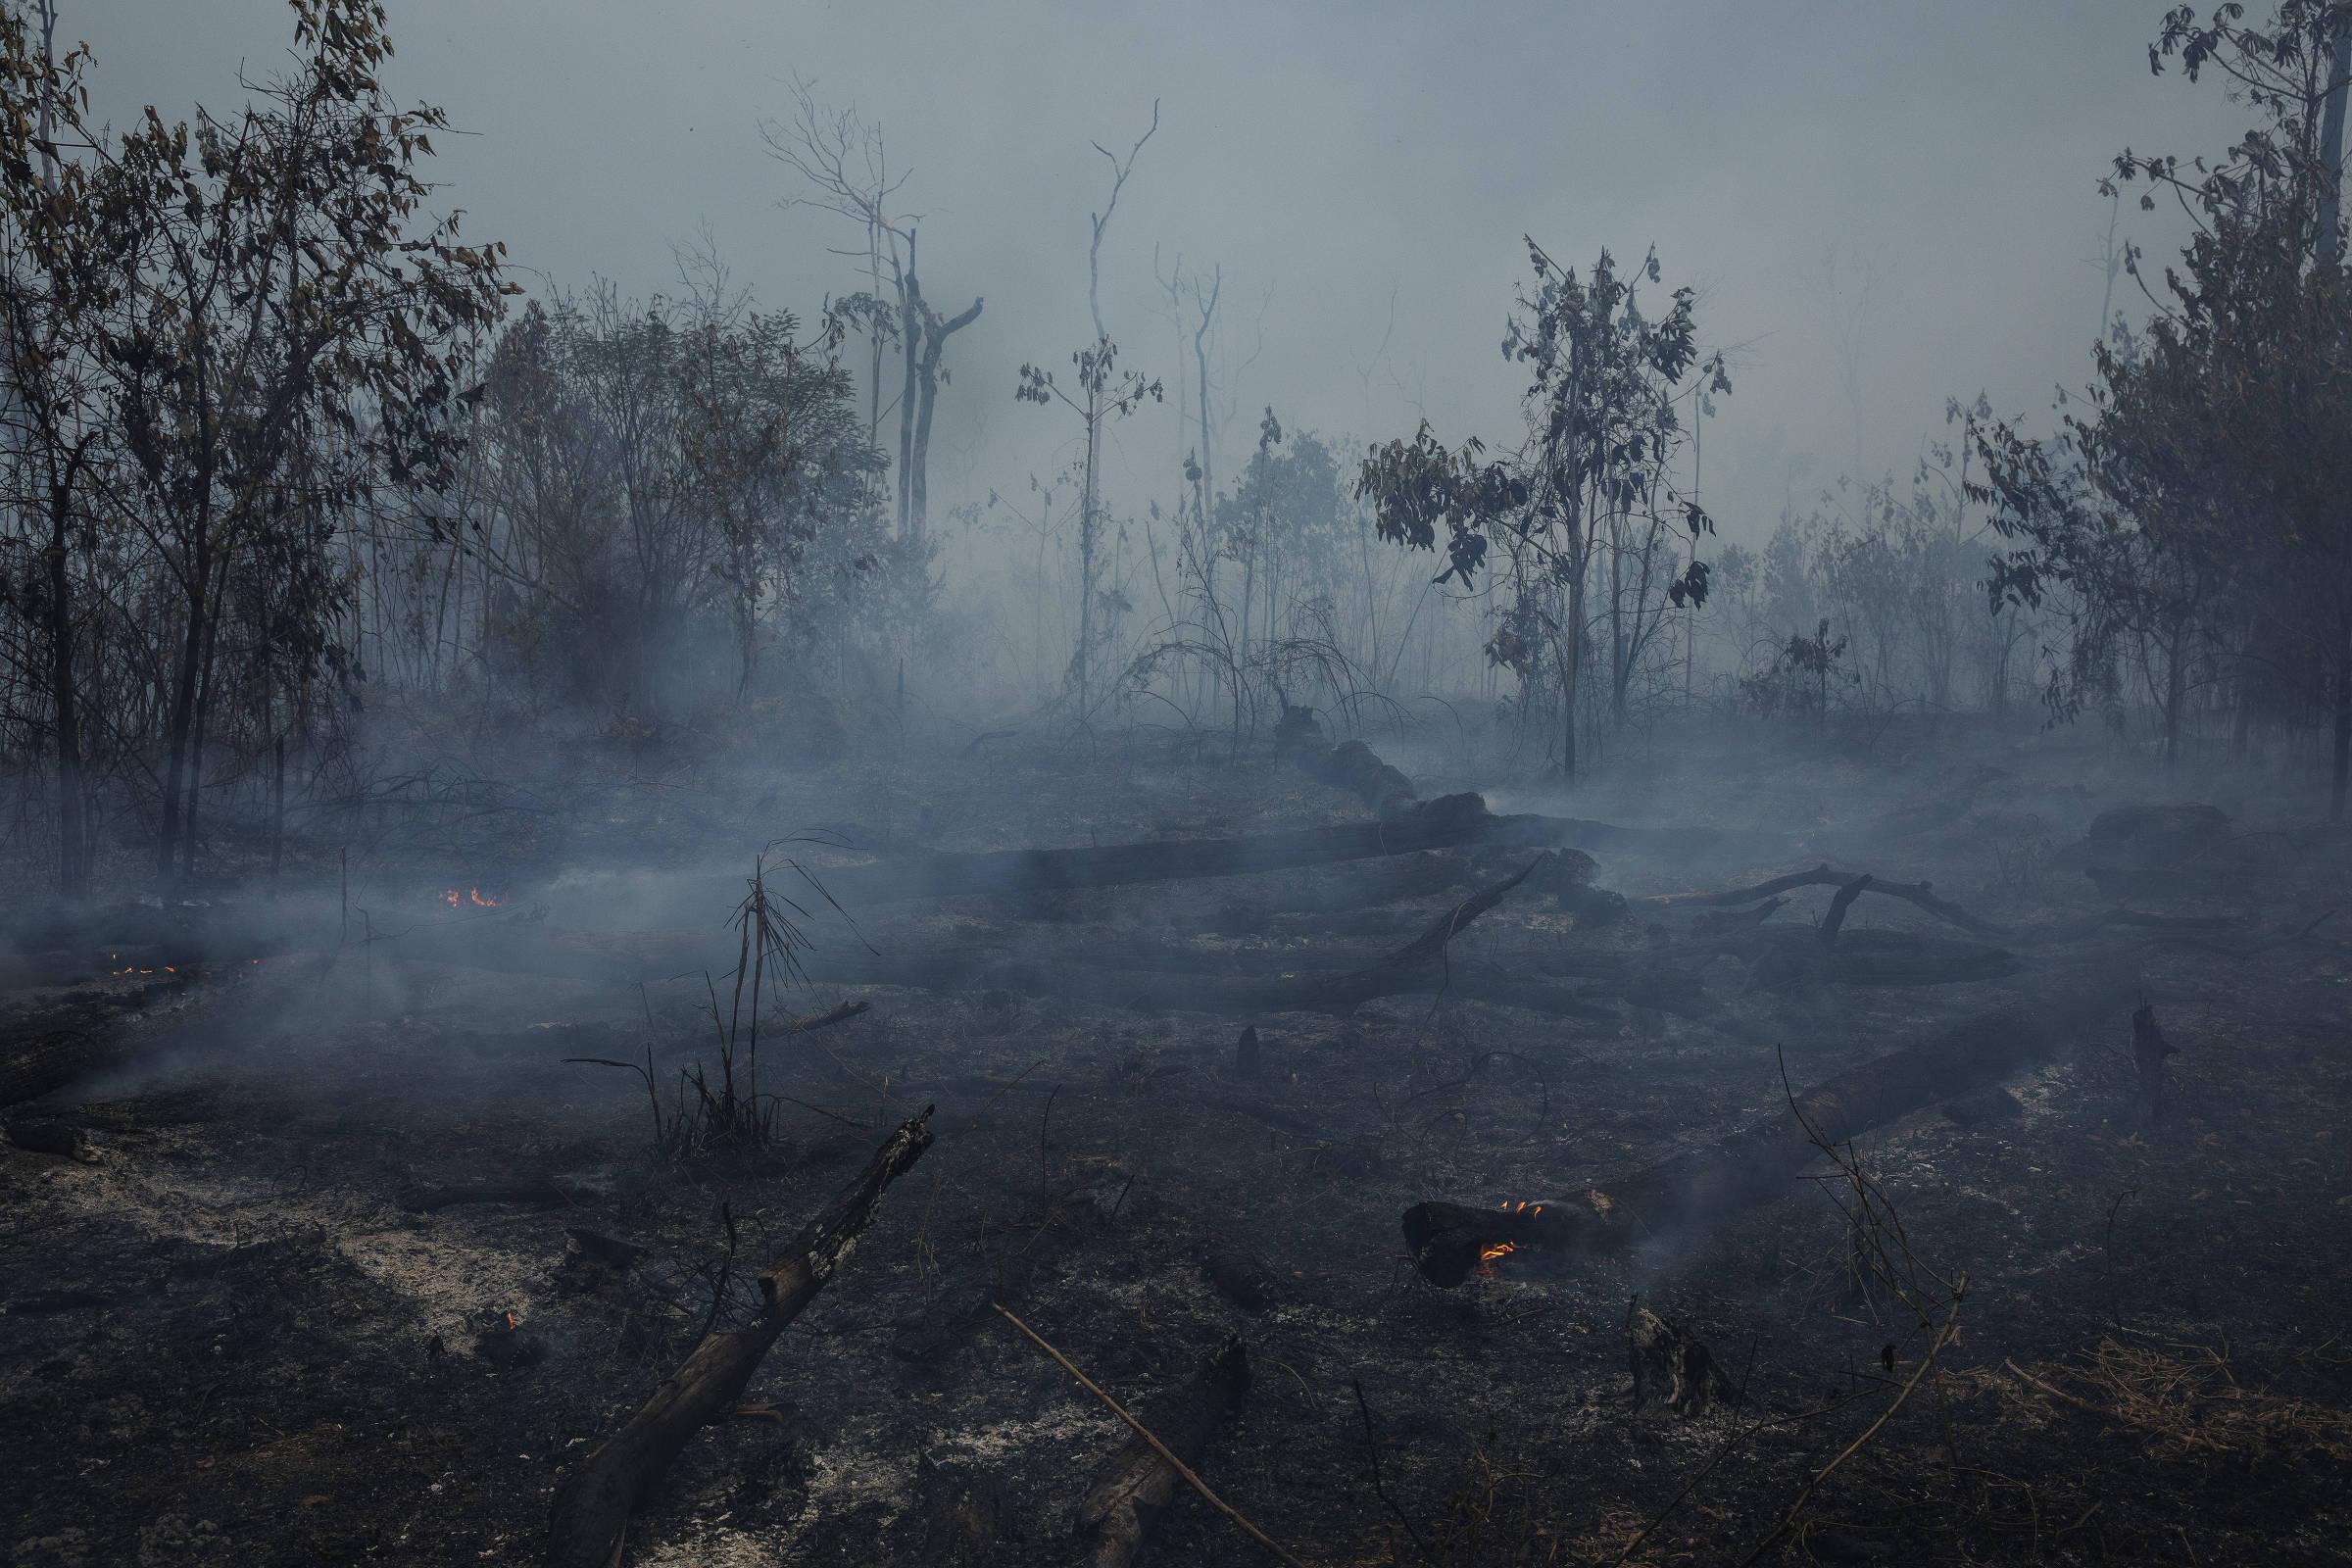 Queimada em área próxima à rodovia Transamazônica, na zona rural de Apuí, no sul do Amazonas